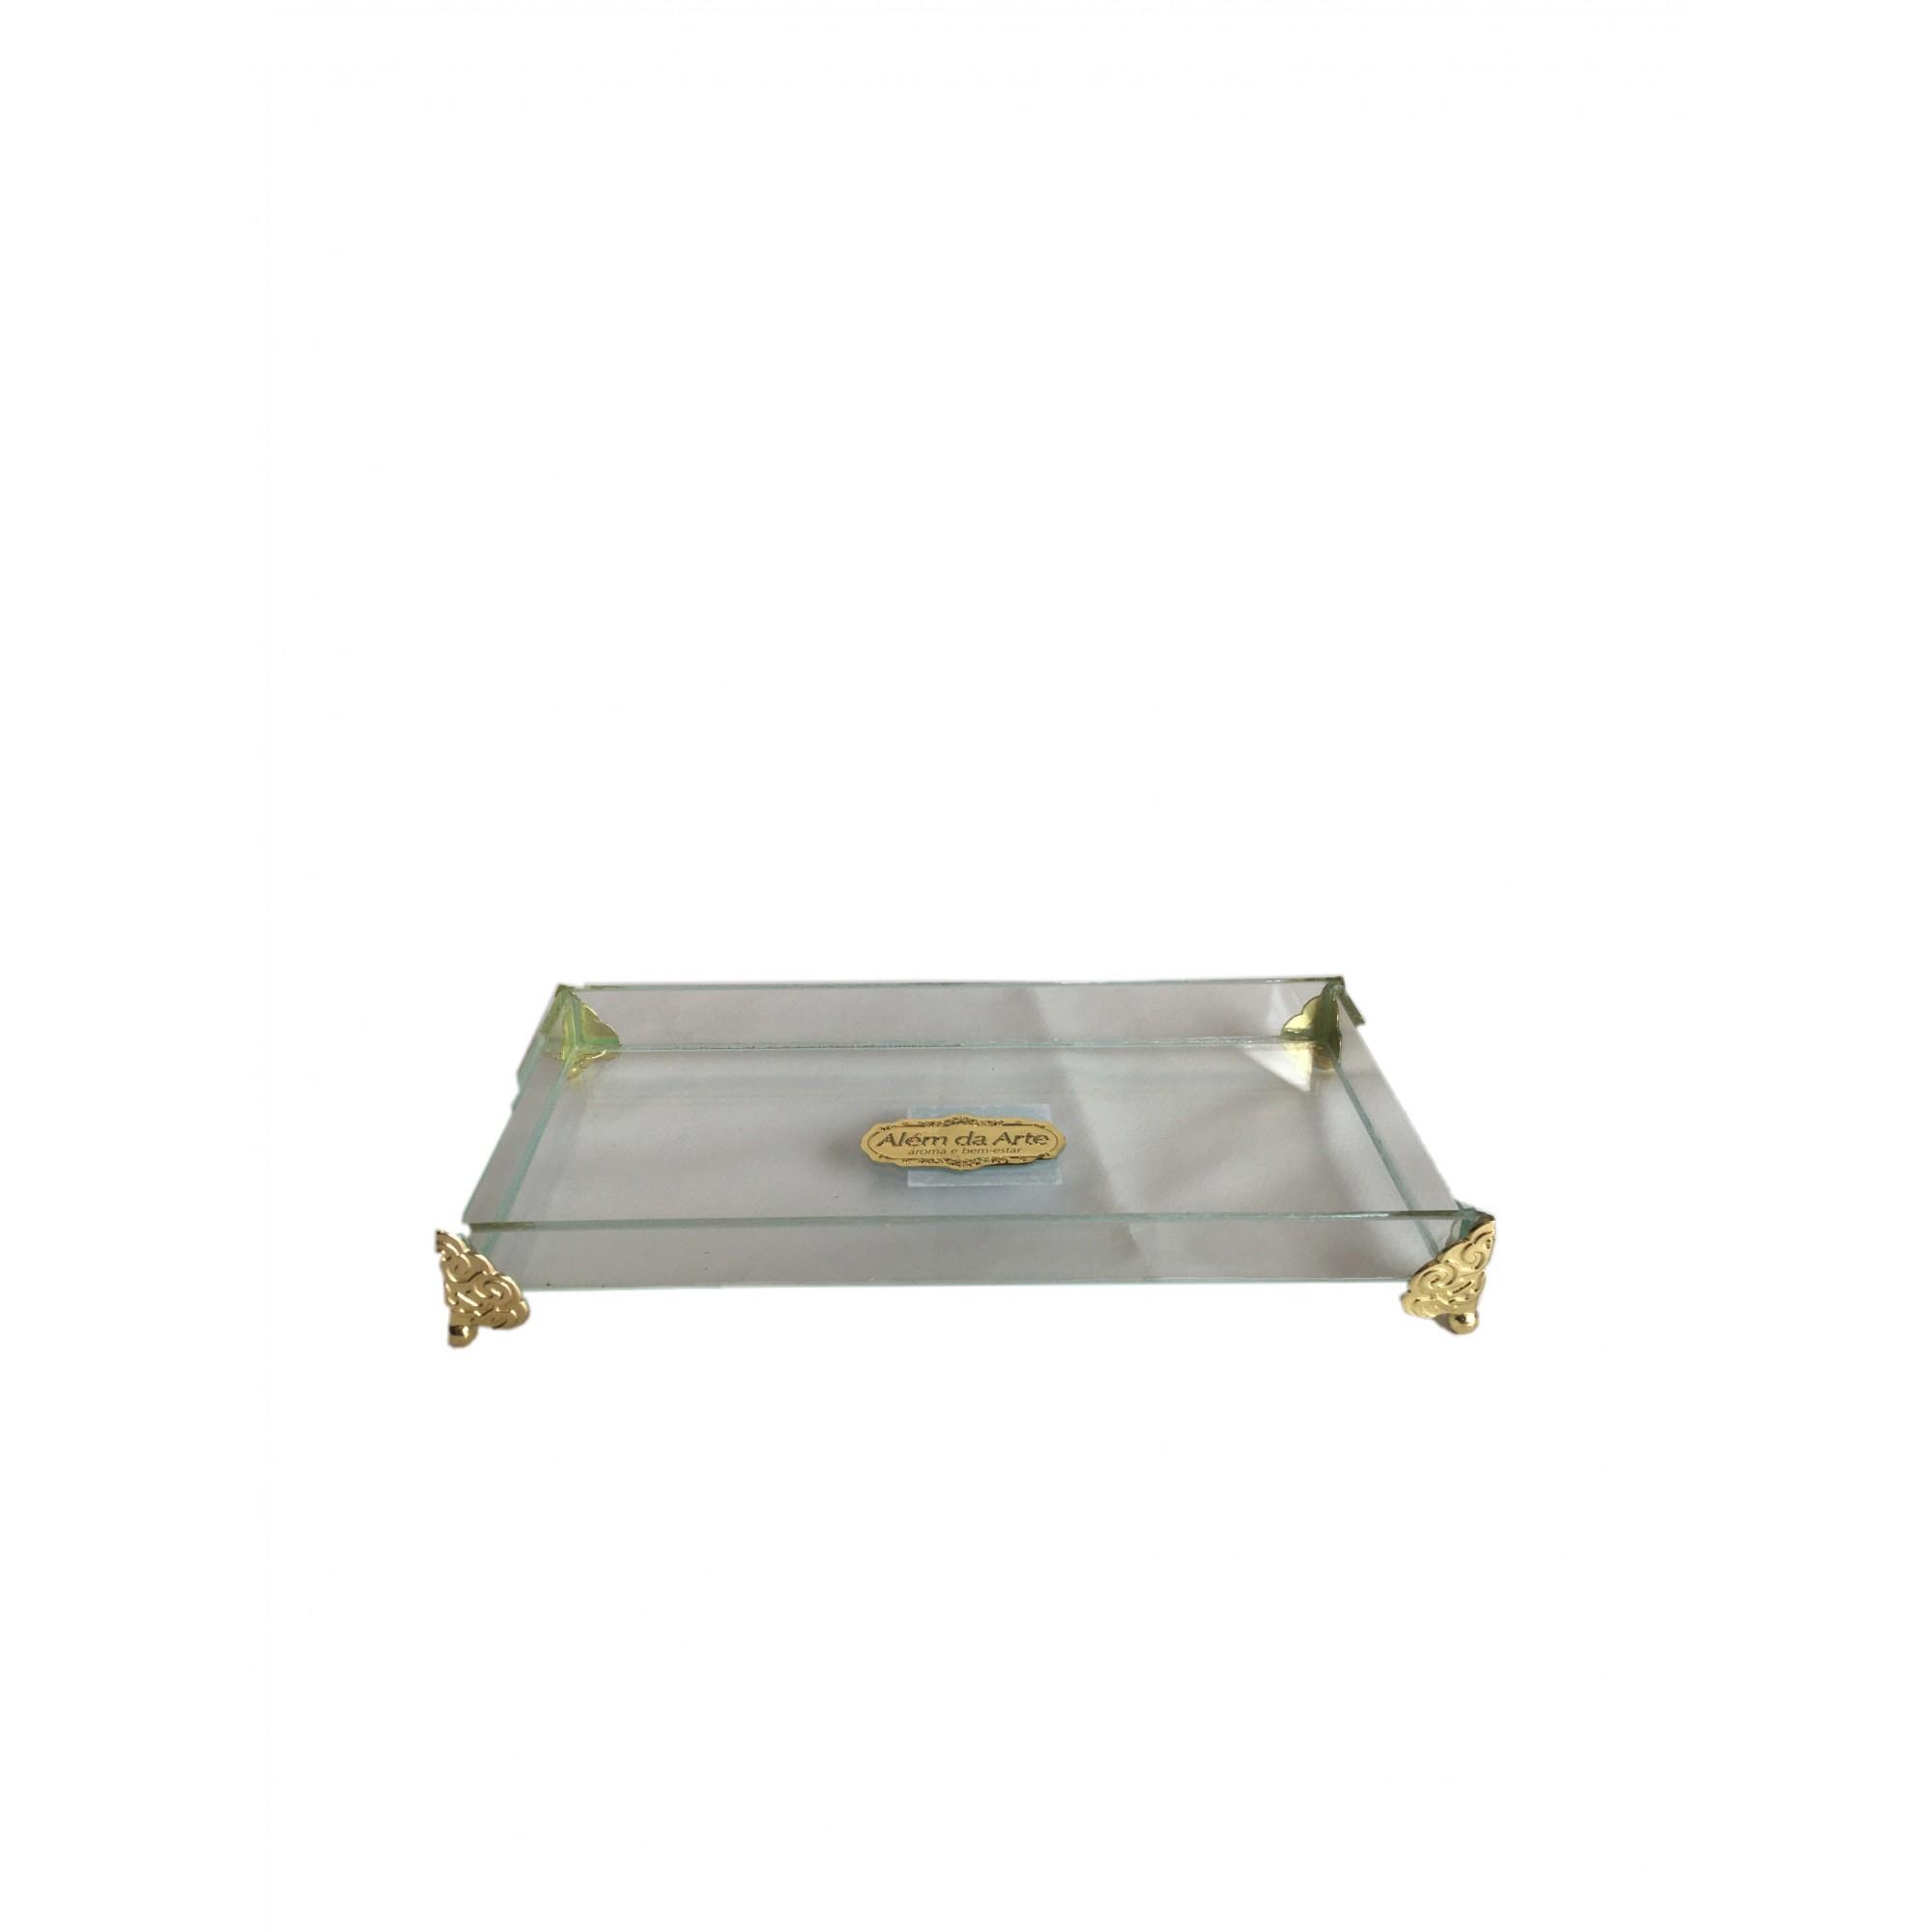 Bandeja de Vidro com Pés de Metal Dourado